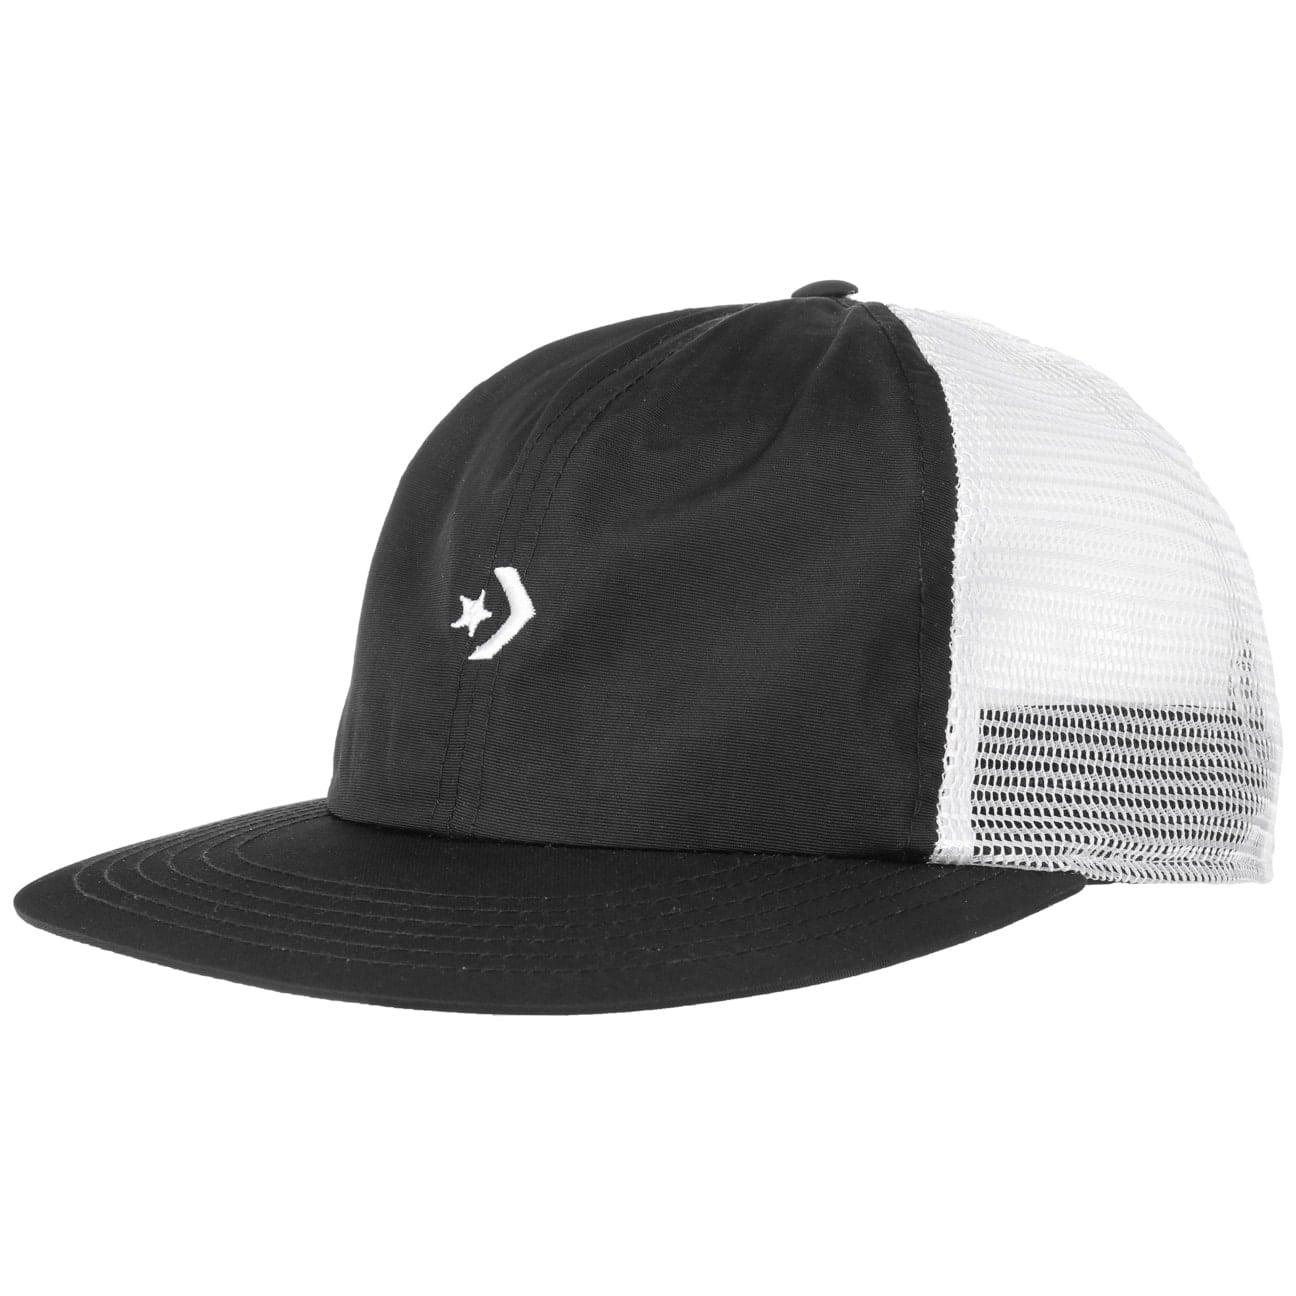 Casquette Trucker Star Flat by Converse  casquette de baseball